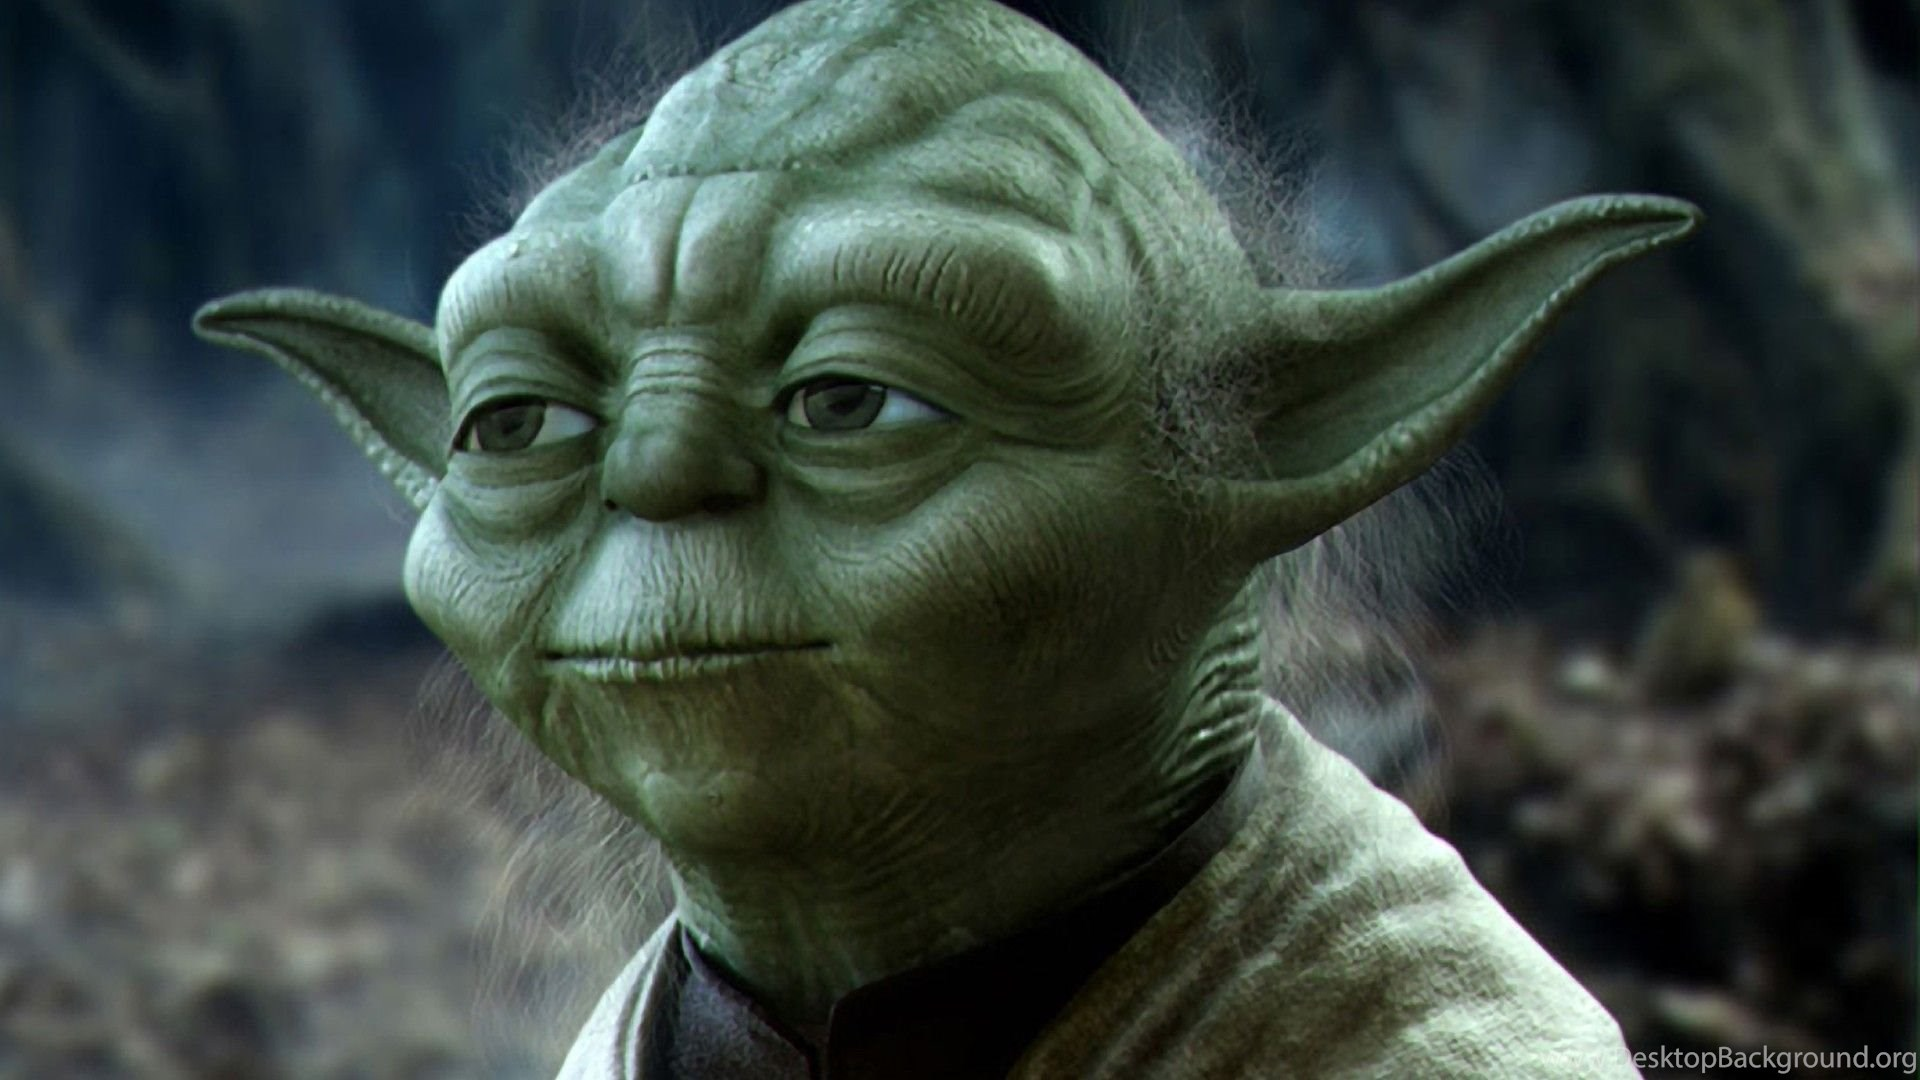 Star Wars Yoda Wallpapers Hd Desktop Background